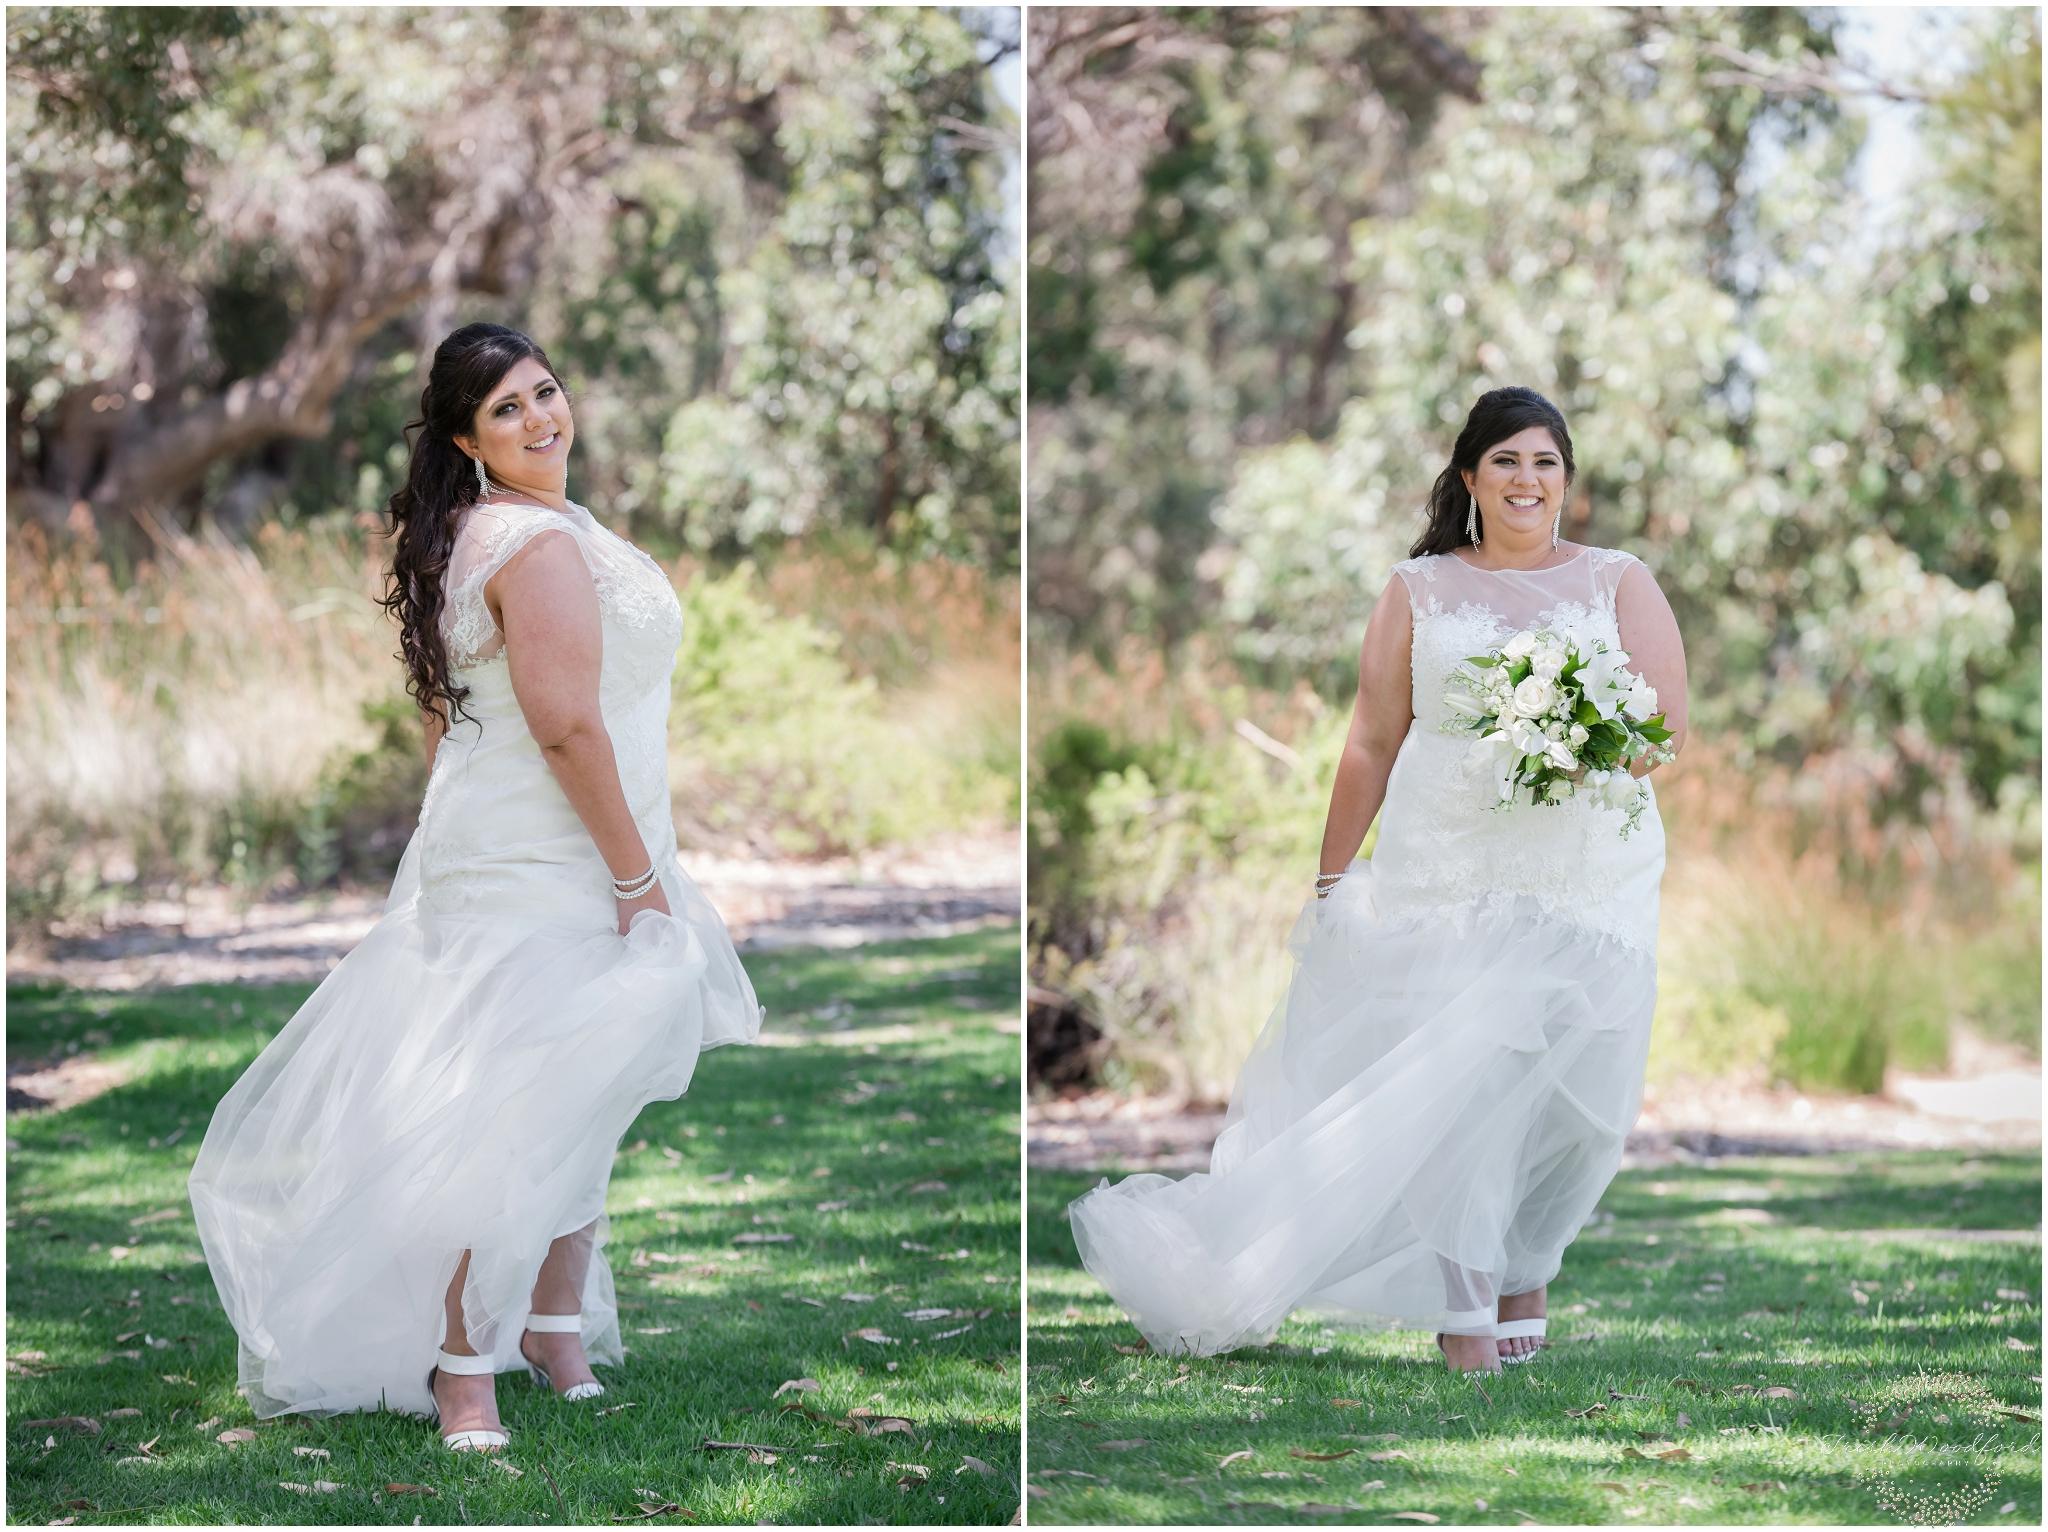 BridePortraitYindanaLake